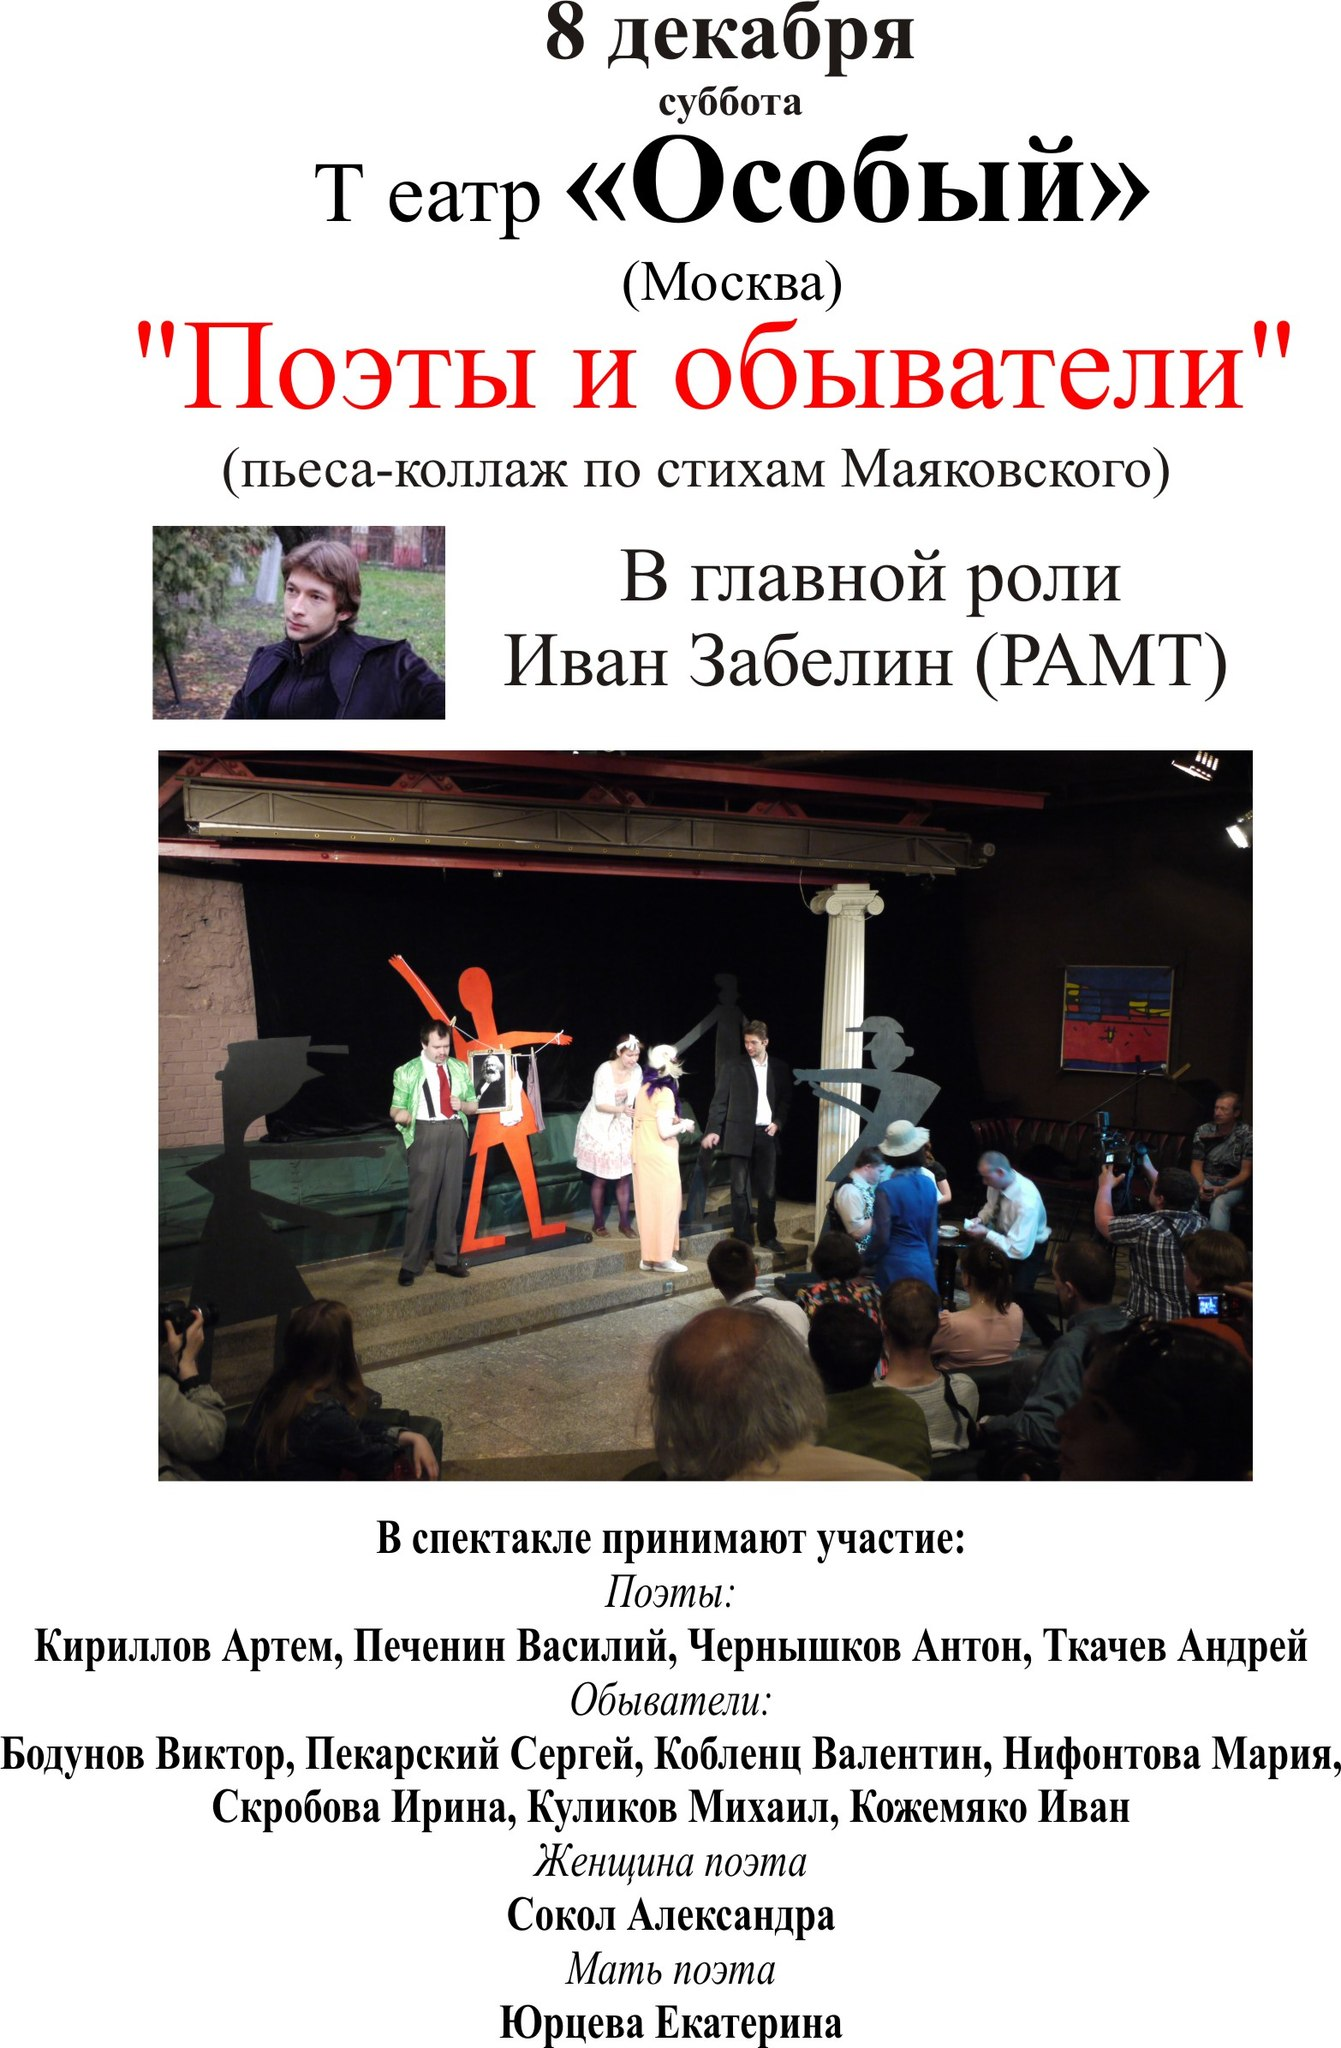 http://s2.uploads.ru/JYobg.jpg